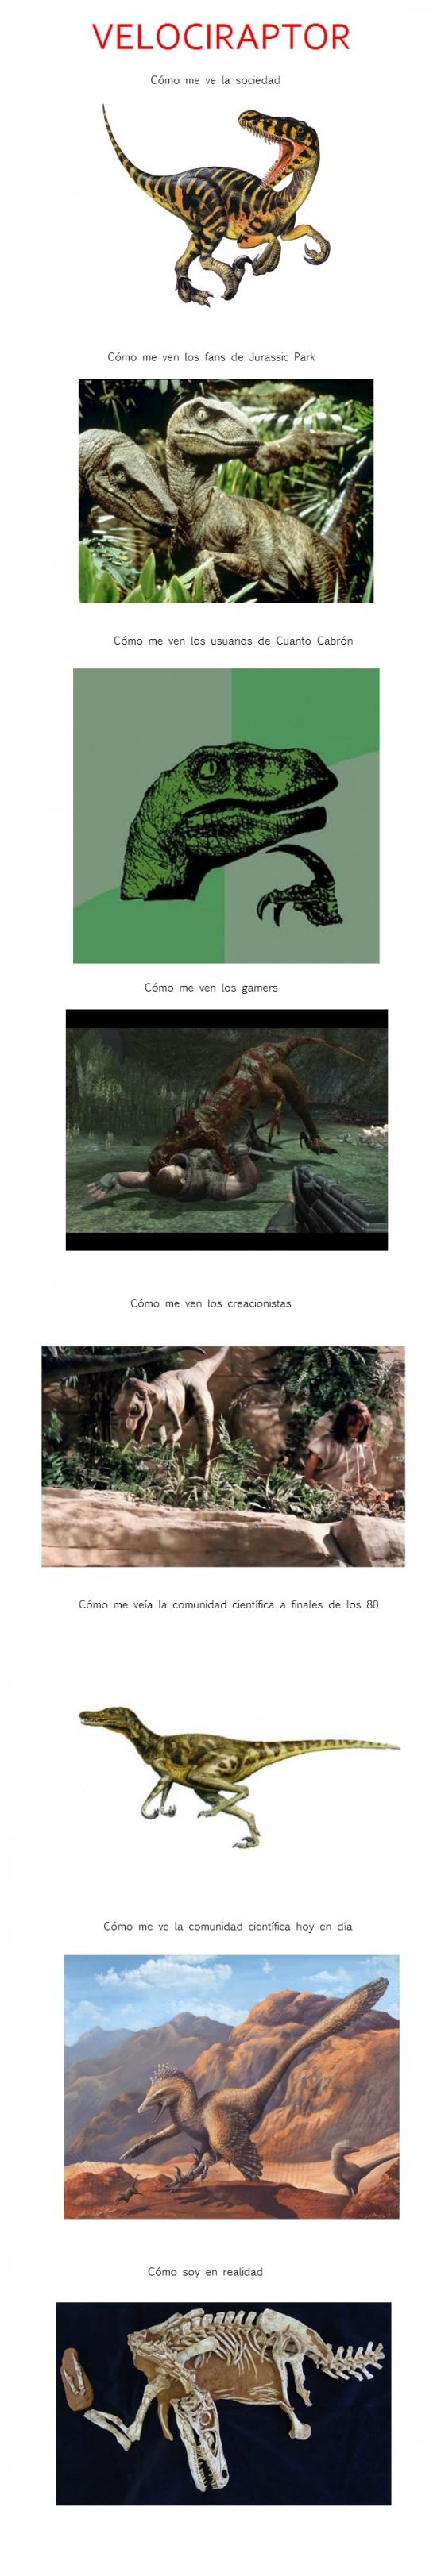 Otros - Velociraptor explicado